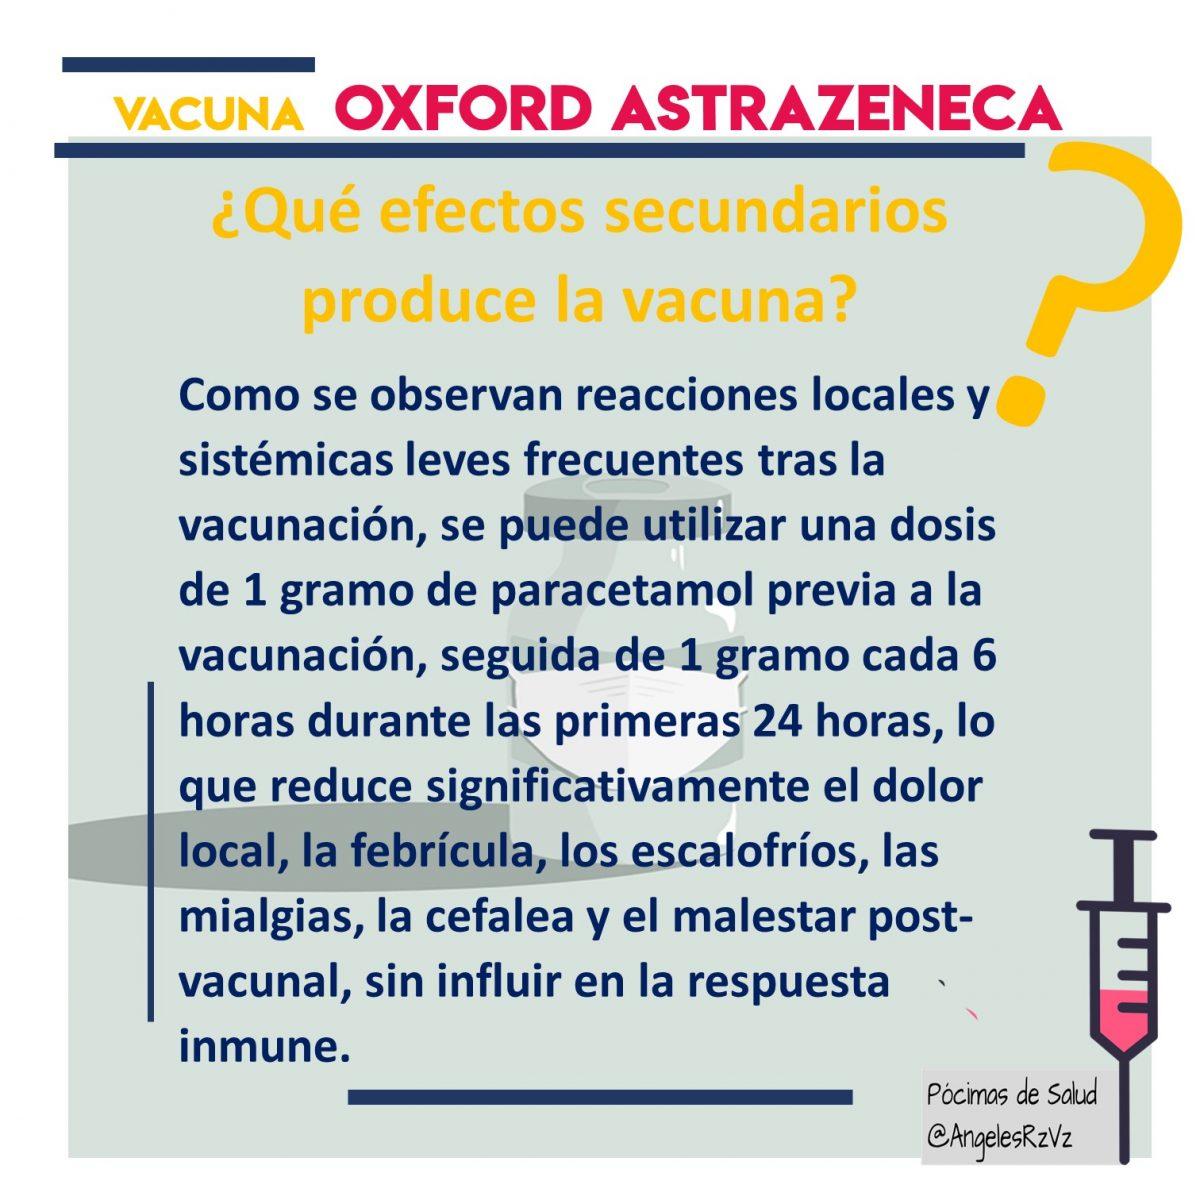 Efectos adversos vacuna covid19 oxford astrazeneca Paracetamol